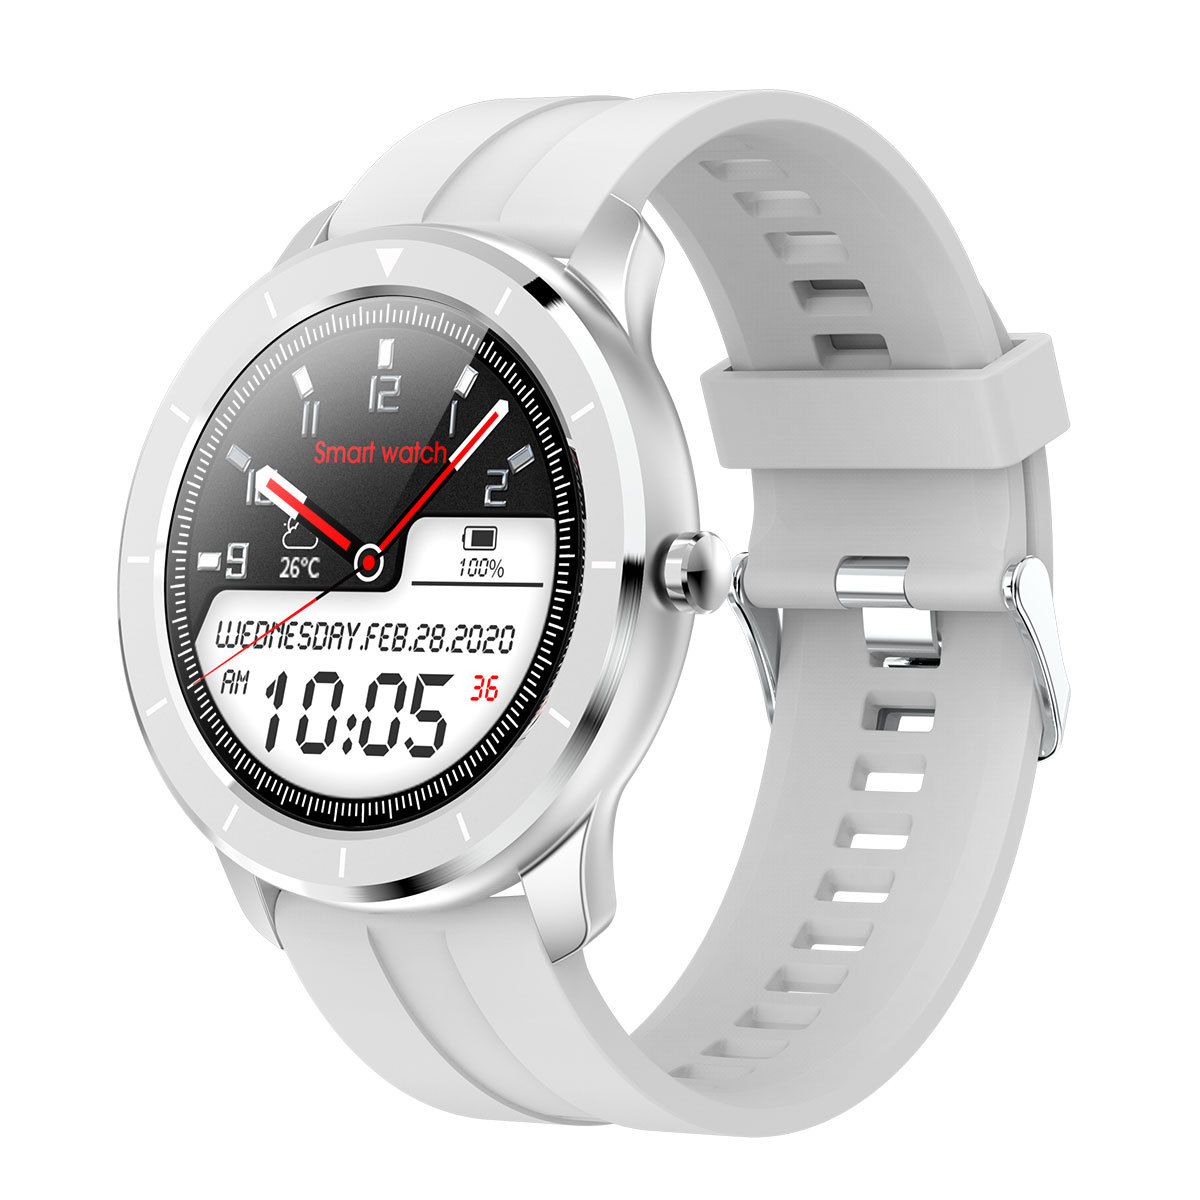 Đồng hồ thông minh theo dõi sức khỏe T006 - Sản phẩm công nghệ